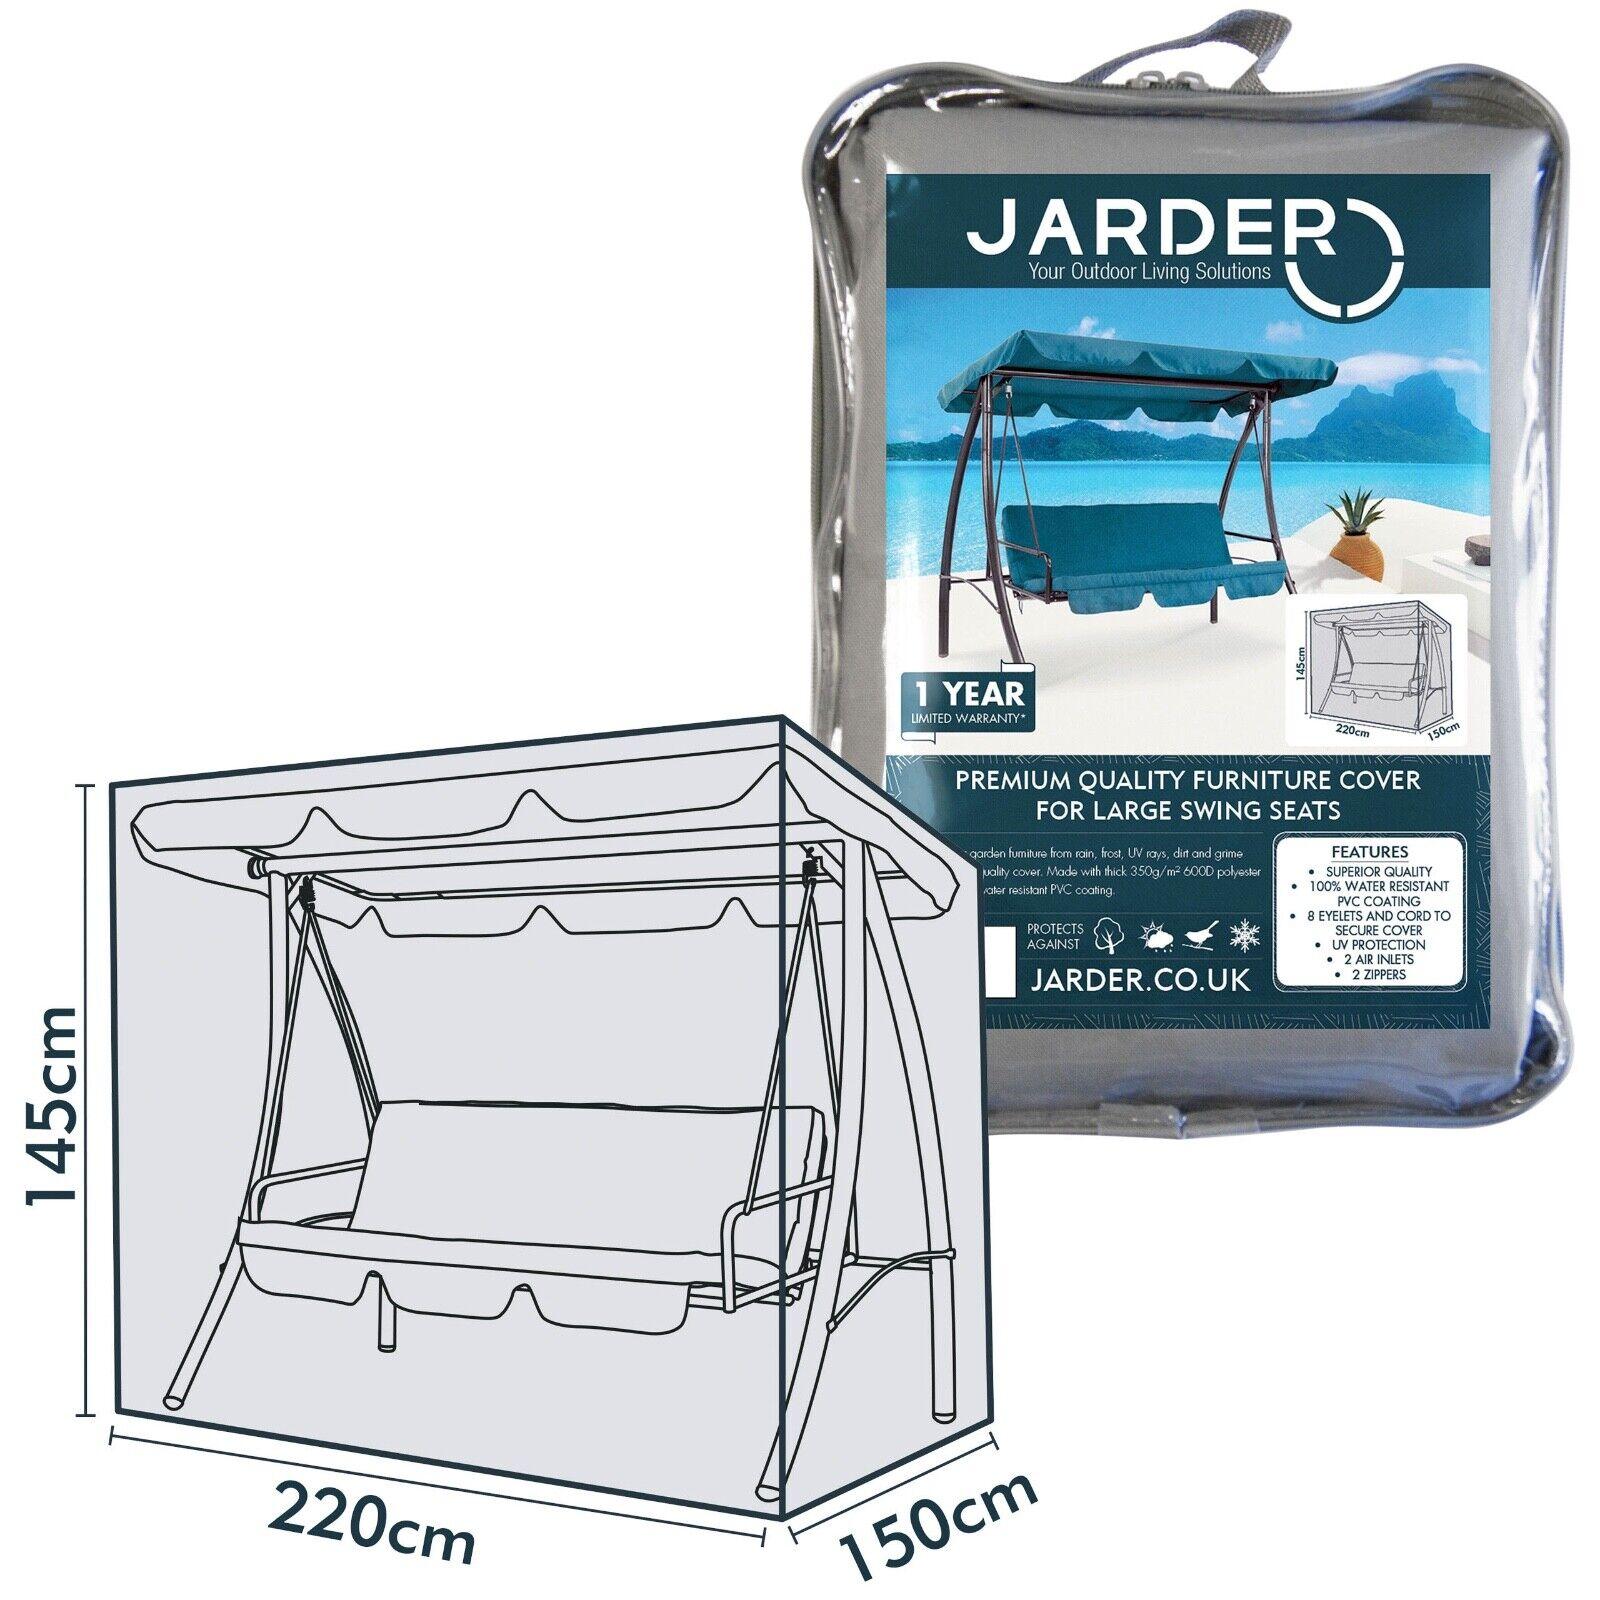 Asiento de columpio al aire libre jardín muebles de jardín Cubierta   cubre   Jarder Impermeable